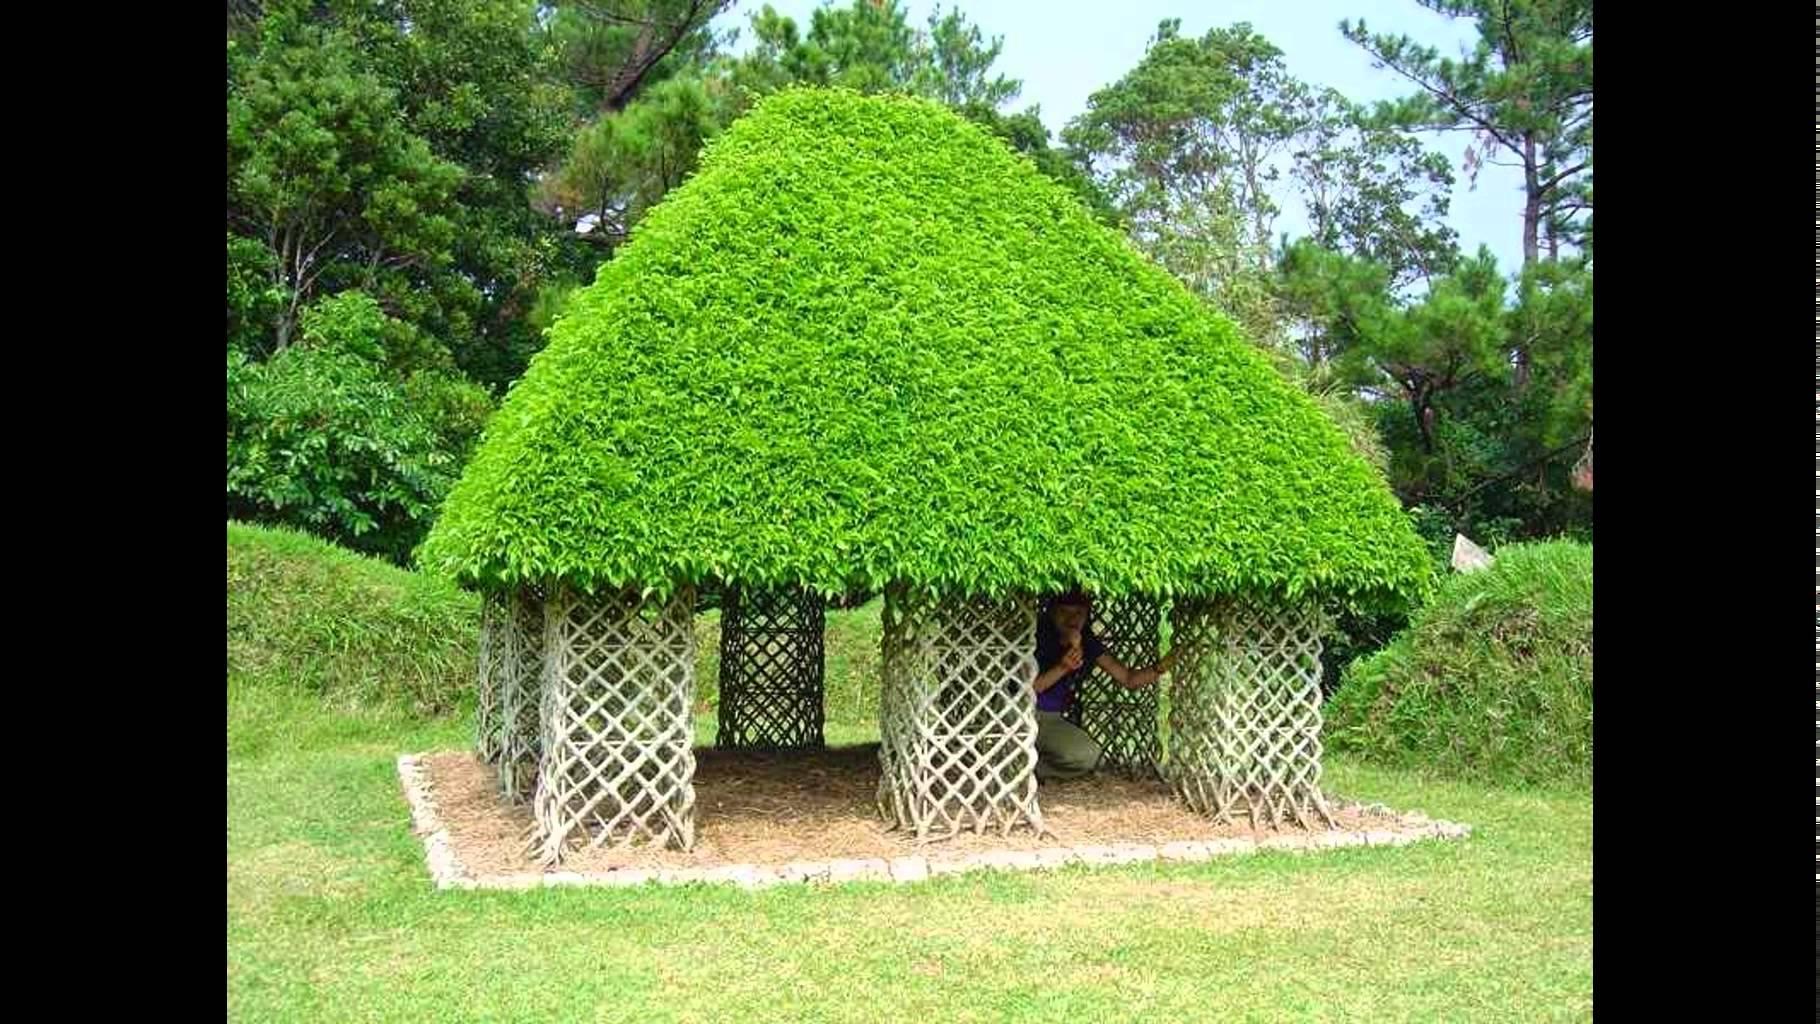 بالصور صور اشجار , اجمل المناظر الشجار طبيعيه 291 10